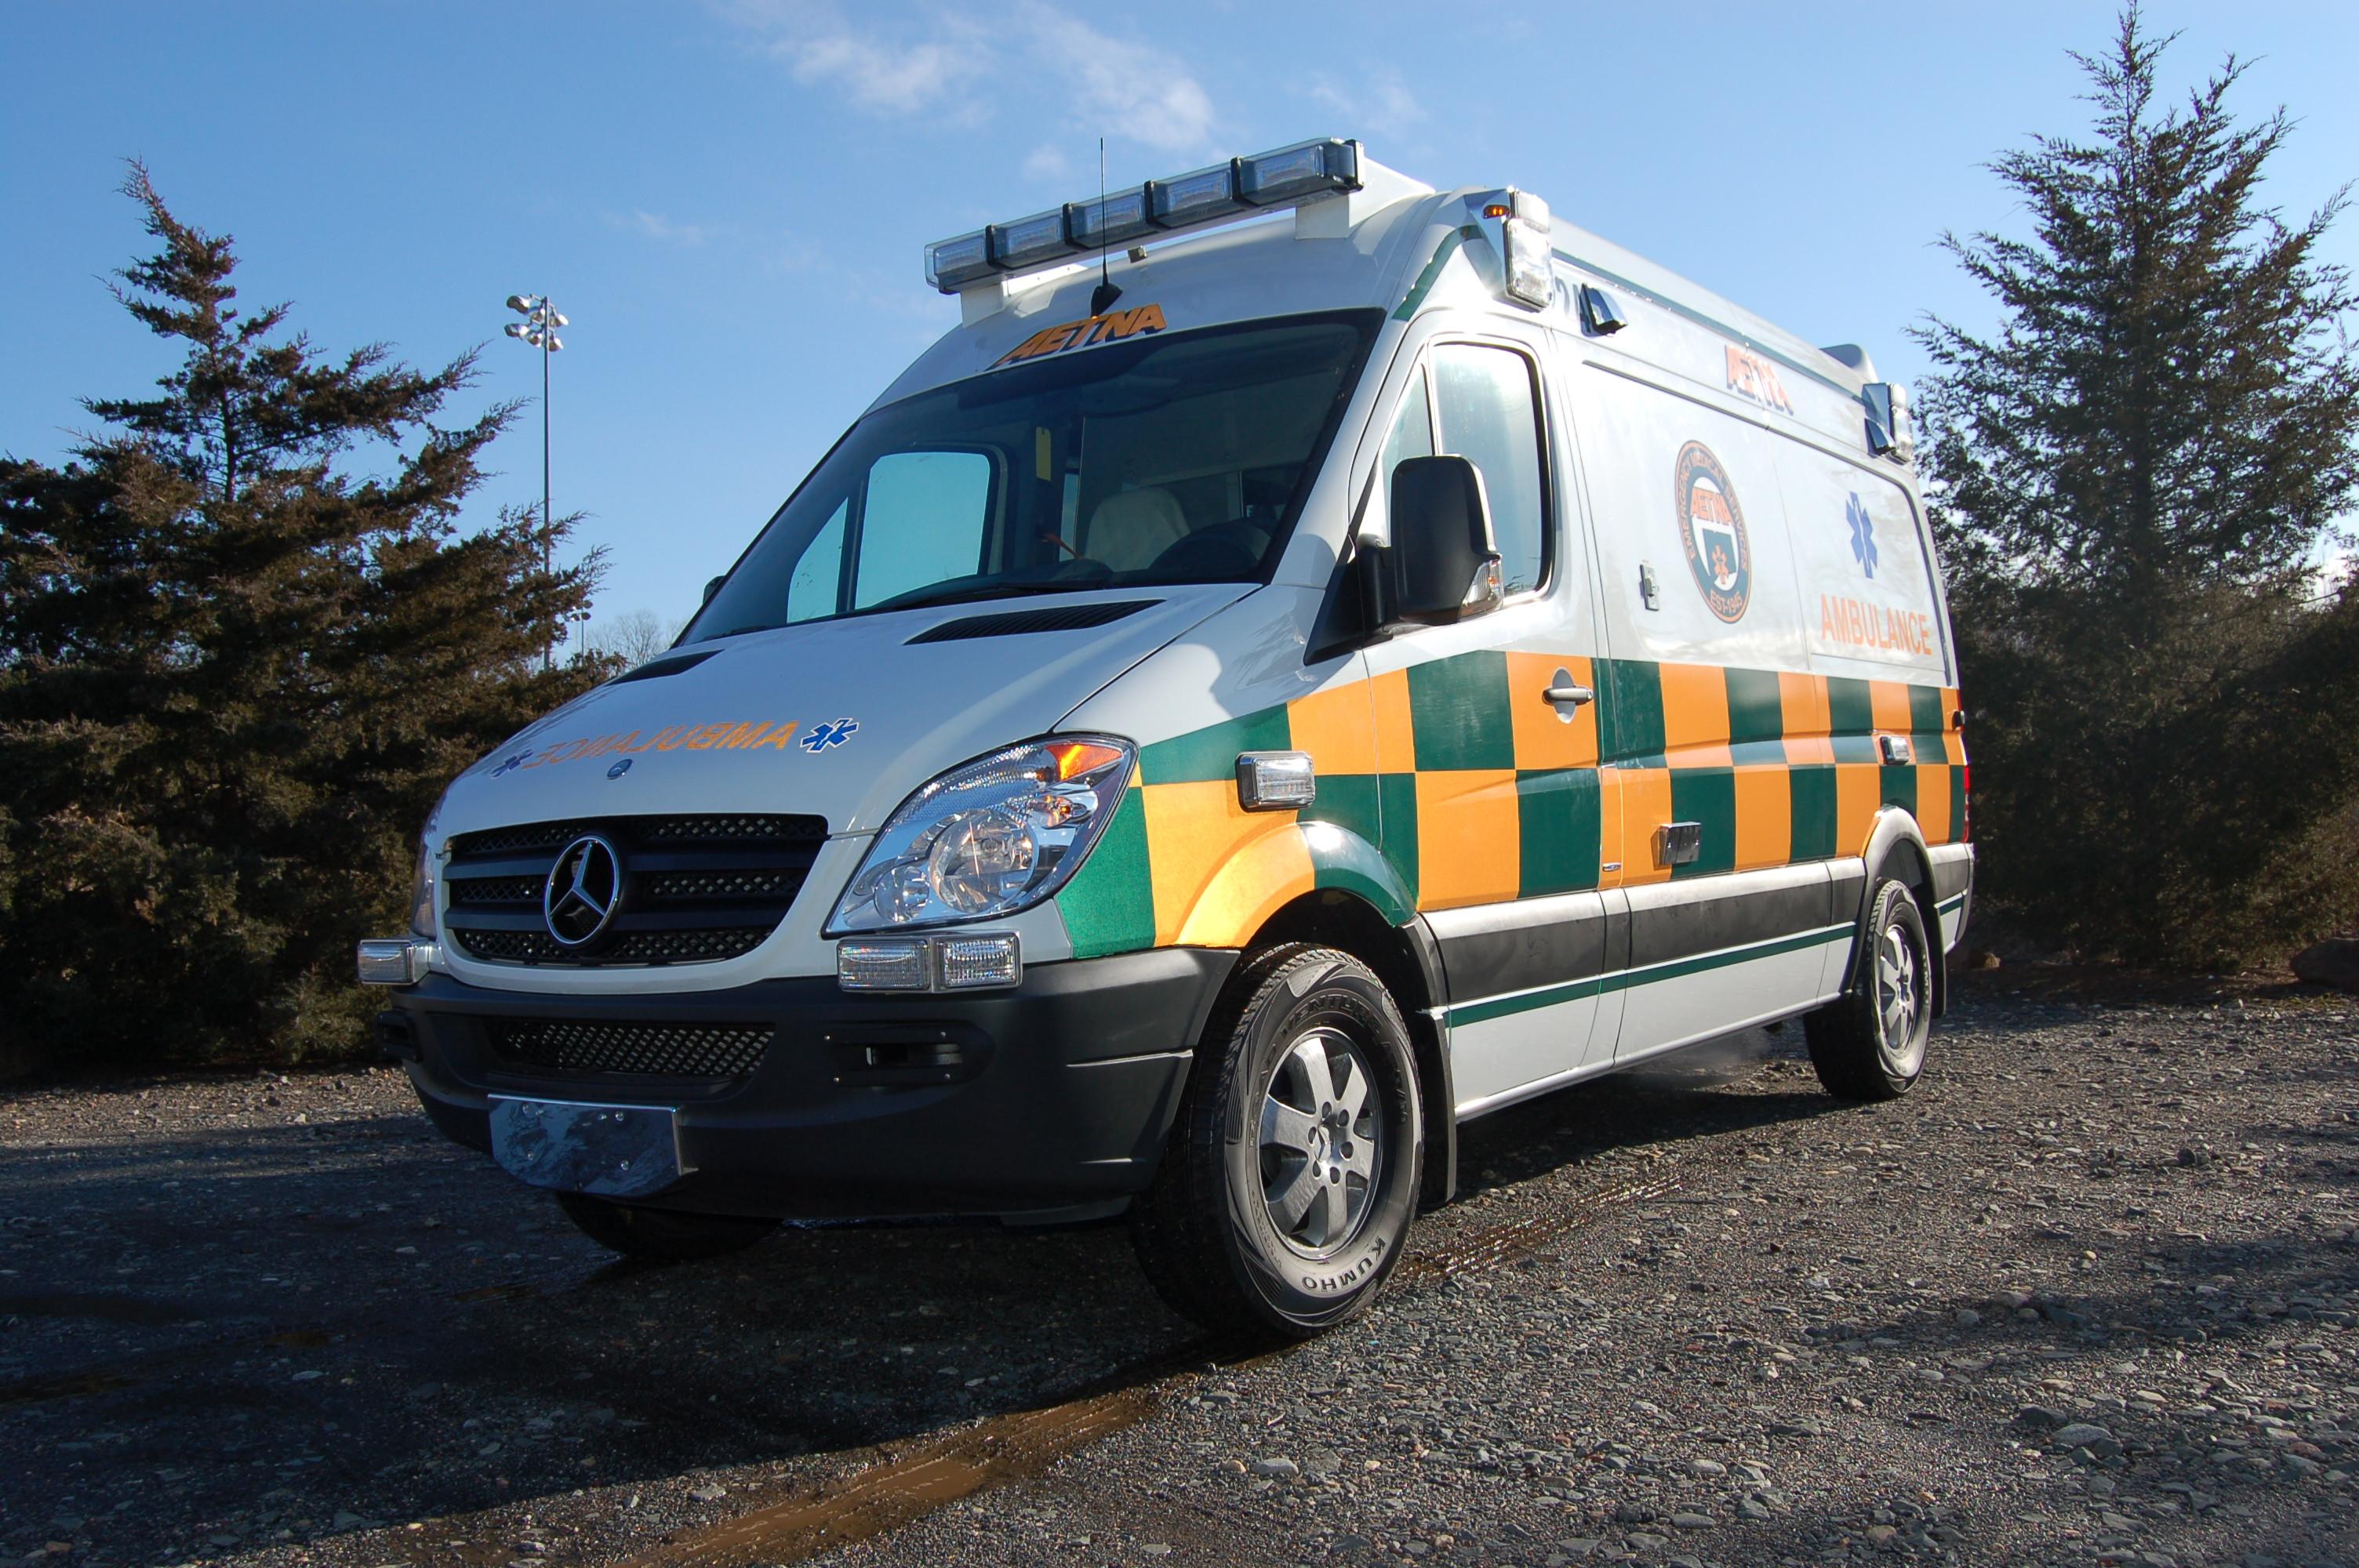 Aetna Mercedes Sprinter Ambulance in Battenburg